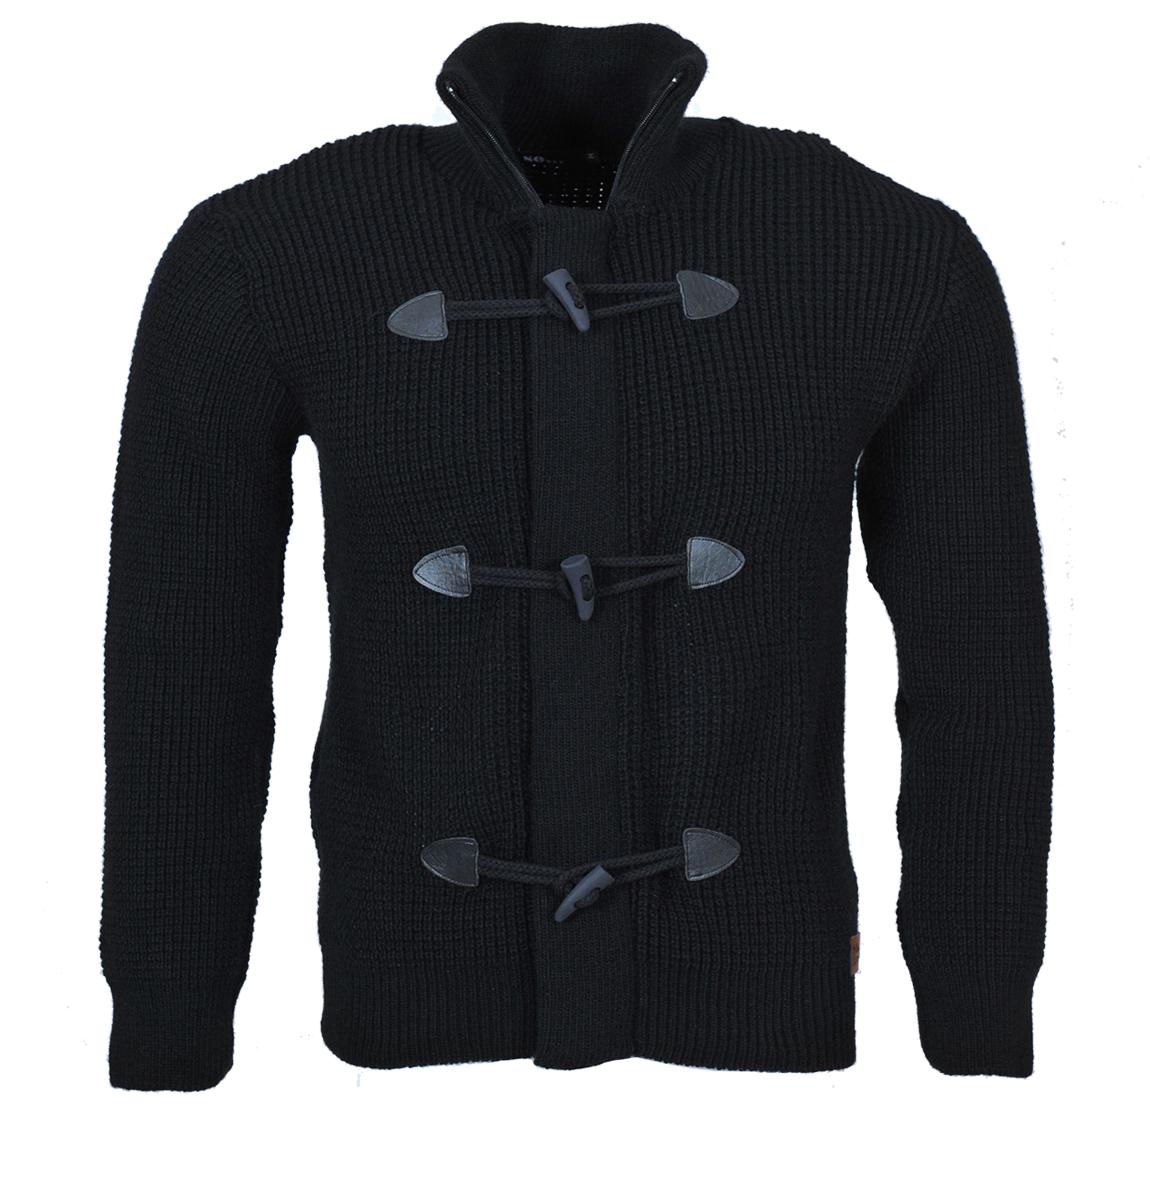 Ανδρική Ζακέτα Πλεκτή So Fashion-Γκρι Σκούρο αρχική ανδρικά ρούχα ζακέτες